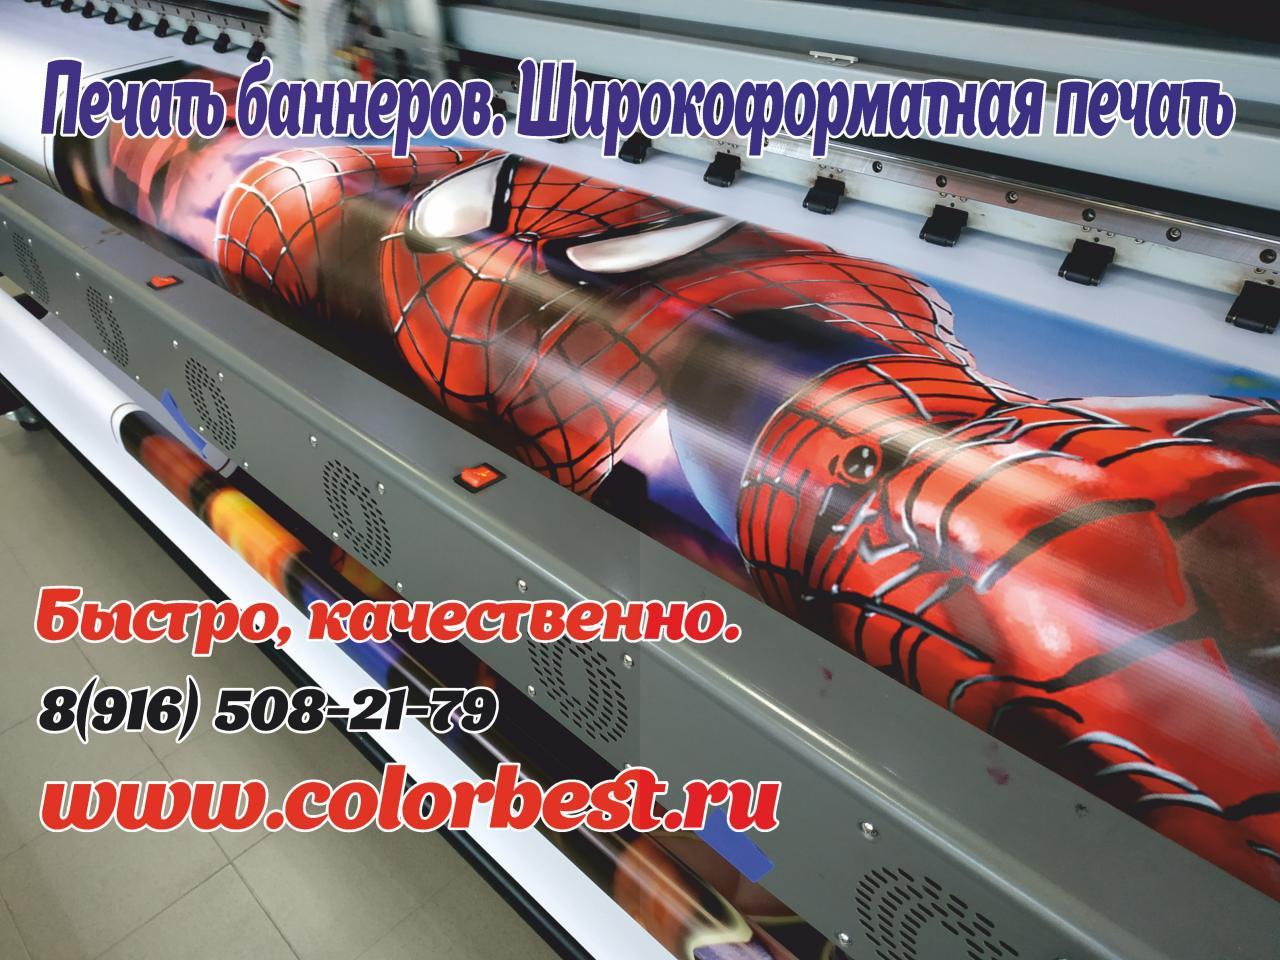 Печать баннеров, наружная реклама | фото 1 из 1